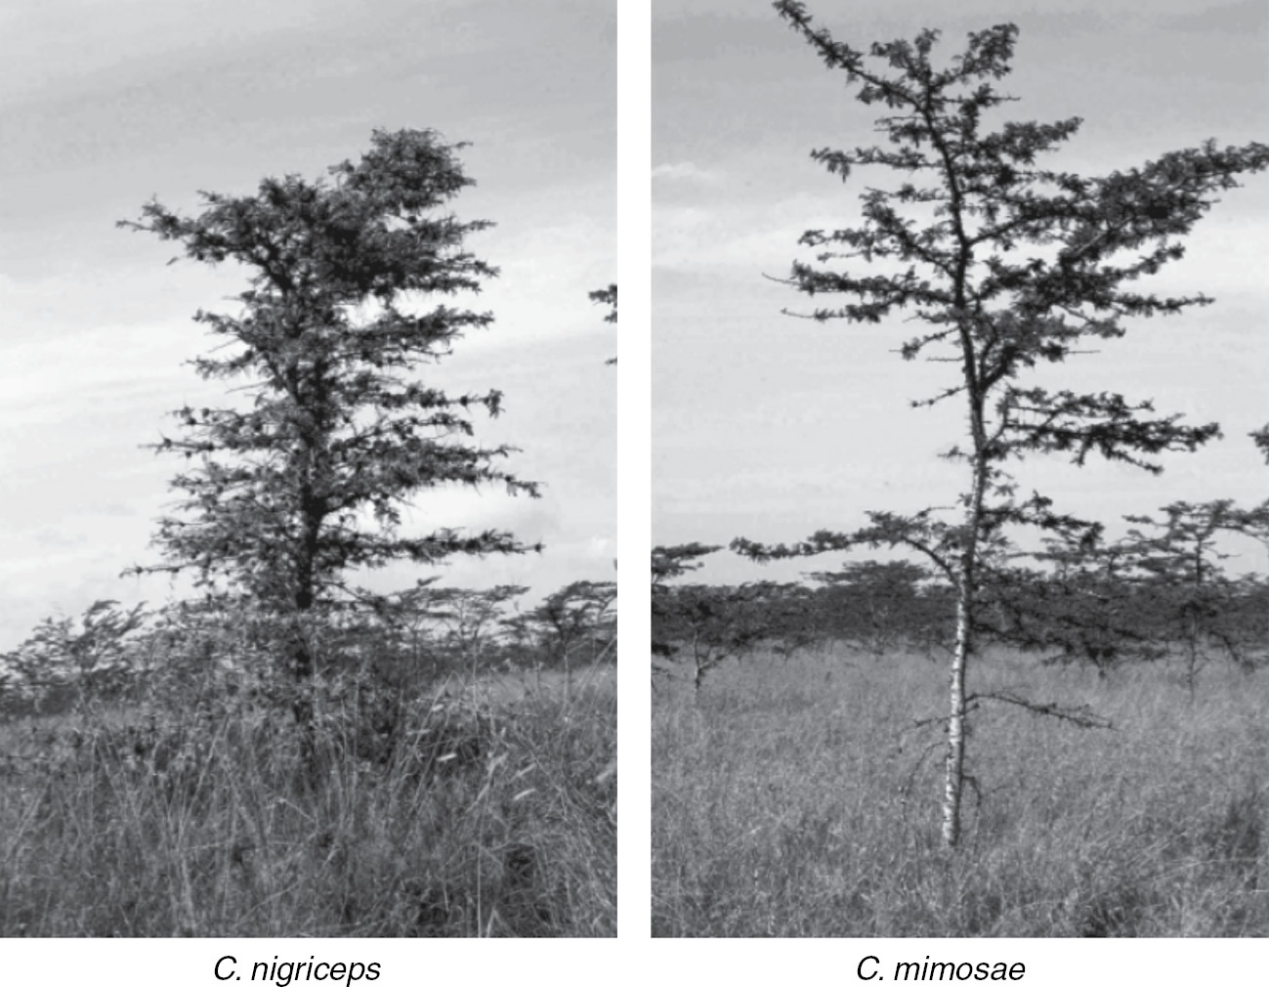 左边为被蚂蚁Crematogaster nigriceps占据的树,变得矮胖(图片来源:参考文献3)